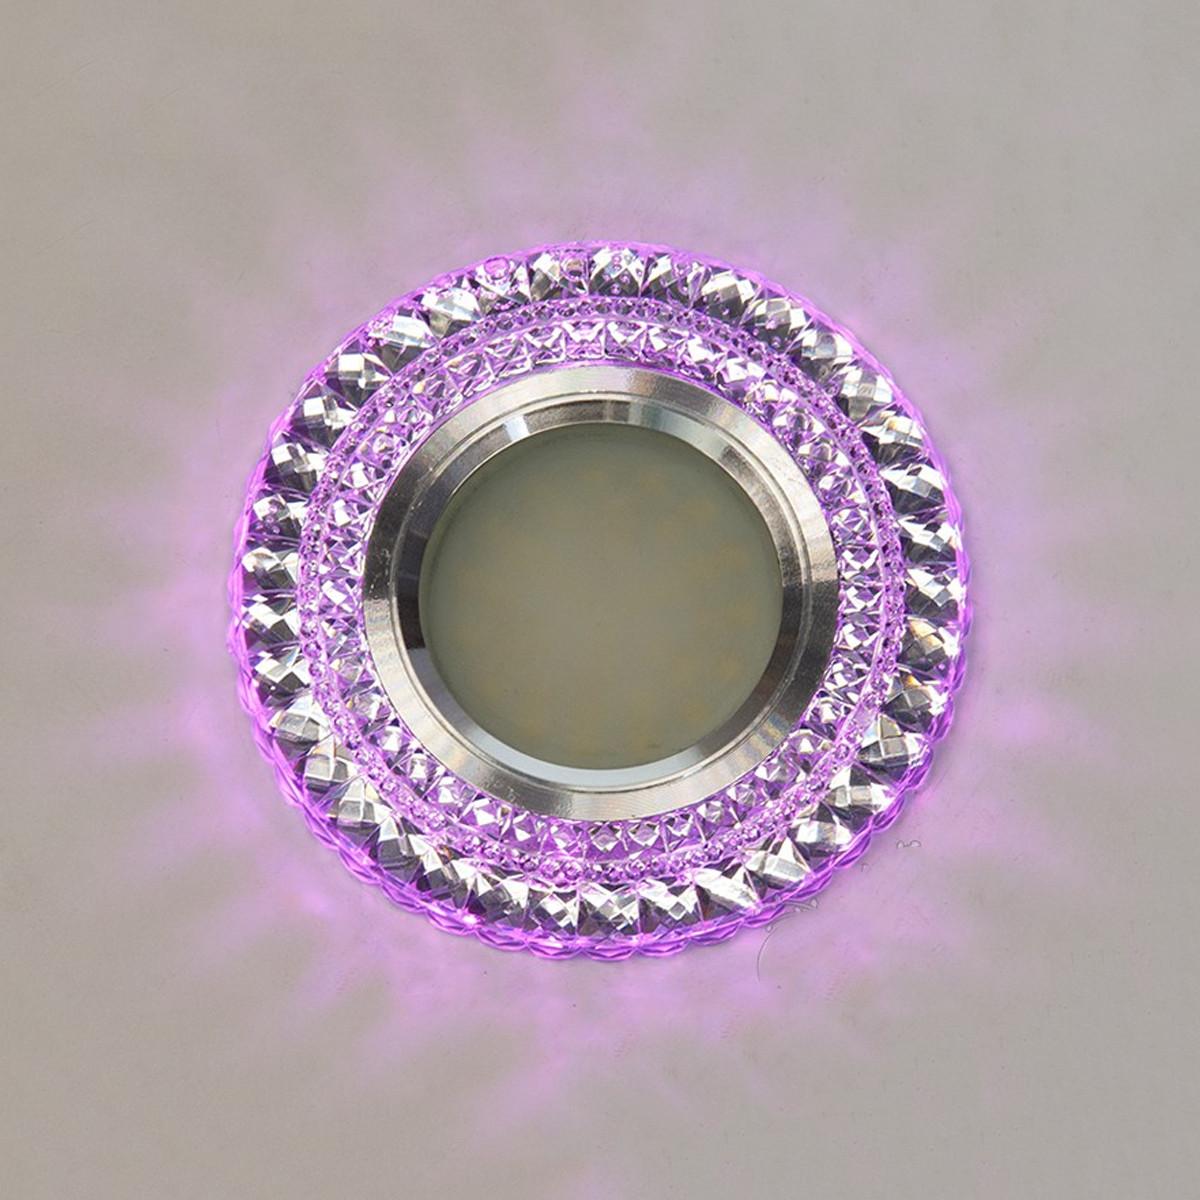 Точечный светильник c двойной подсветкой (розовый + холодный) 3 Вт под лампочку MR 16 СветМира D-8126WH+PK